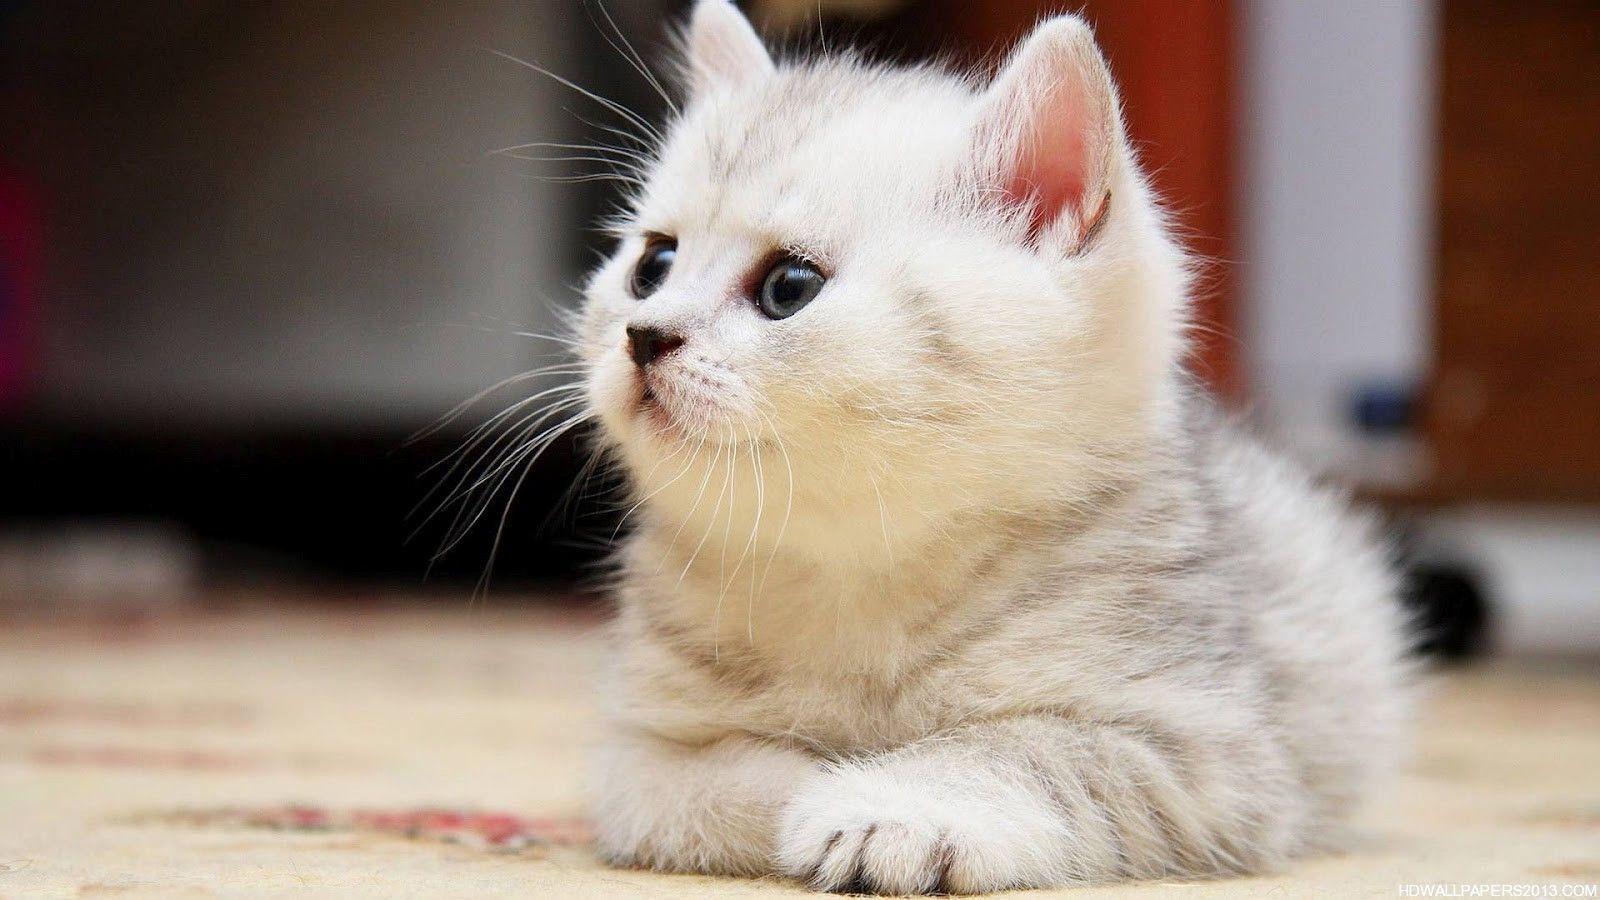 cute fluffy siamese kittens - photo #4